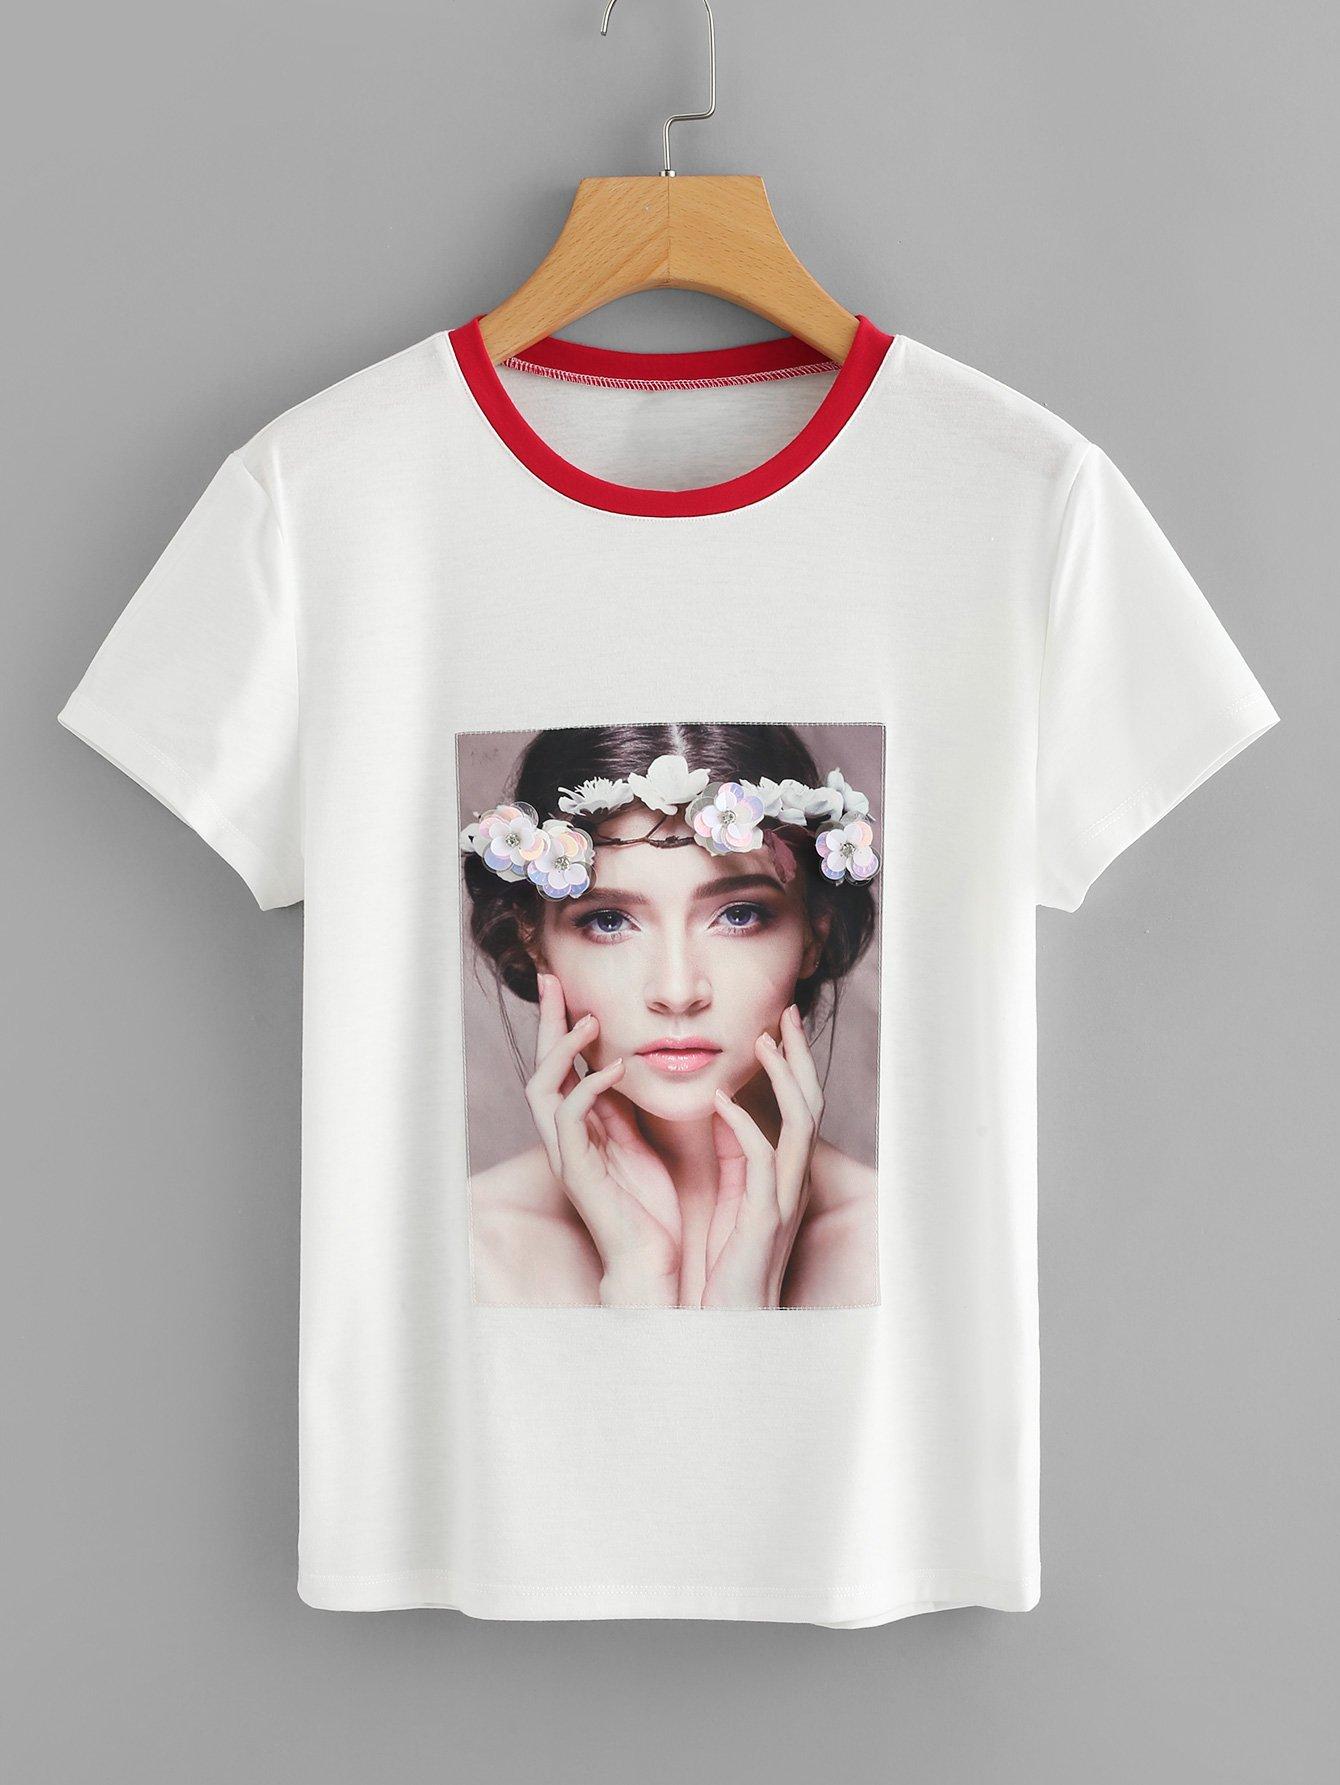 Flower Applique Portrait Print T-shirt redfox футболка flower t 42 4300 желтый